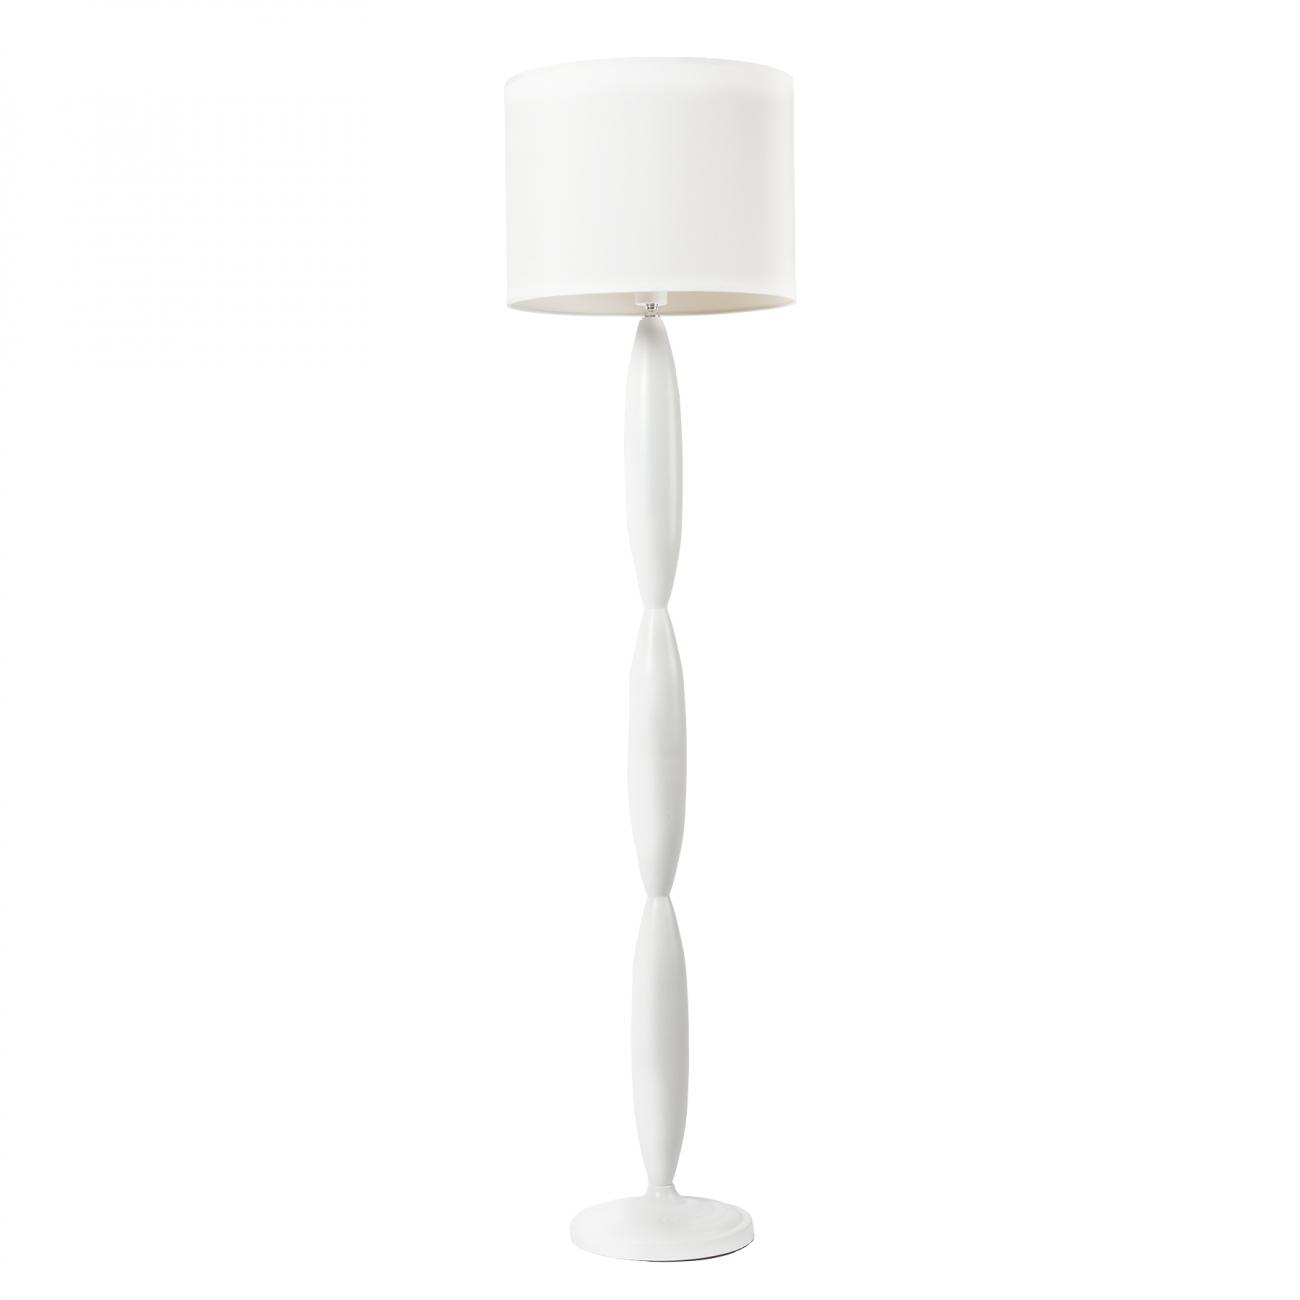 Купить Торшер Classic Белый в интернет магазине дизайнерской мебели и аксессуаров для дома и дачи